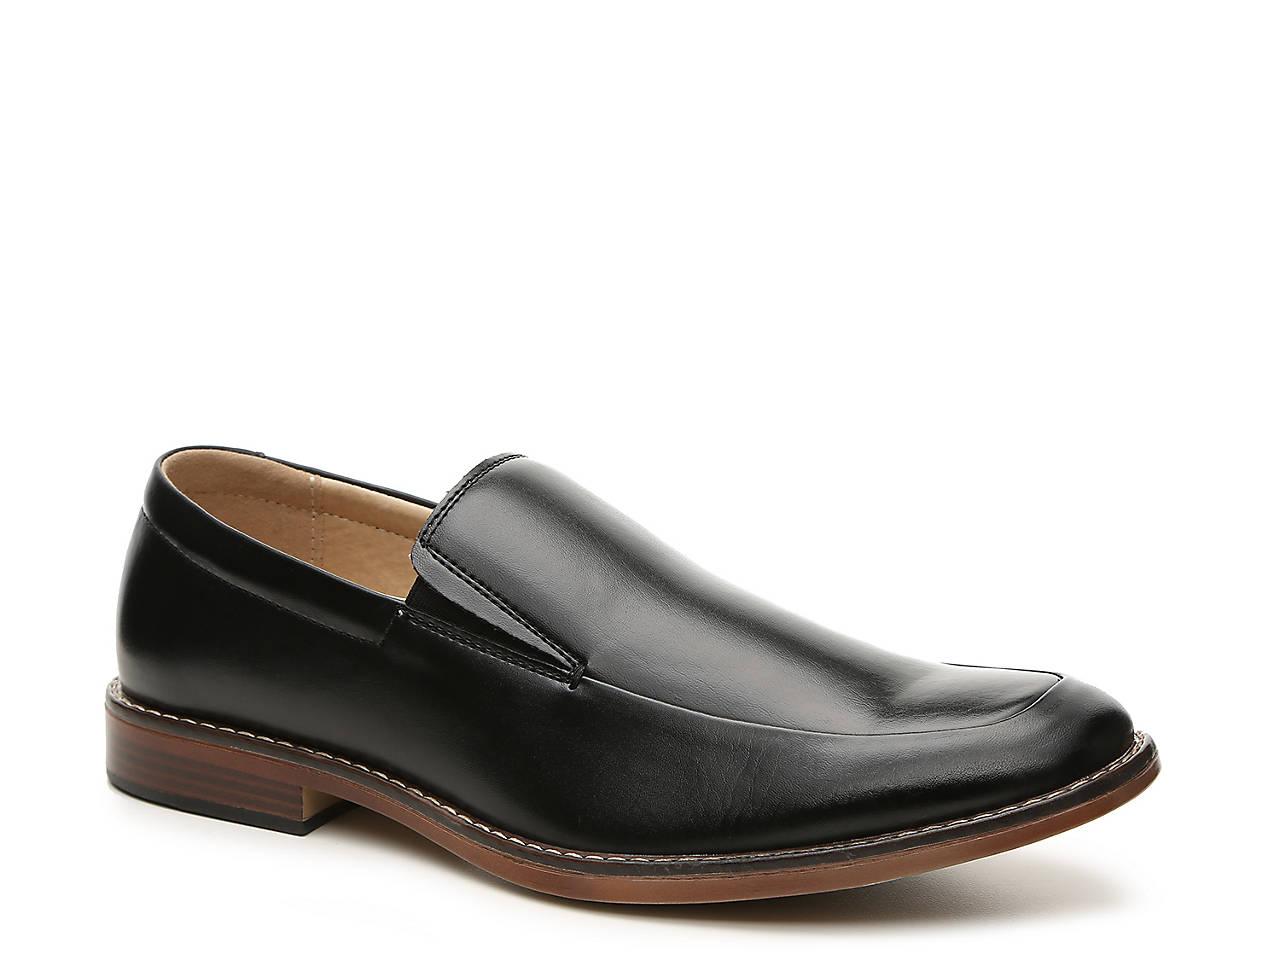 ba4d84748bc Madden Grant Loafer Men s Shoes